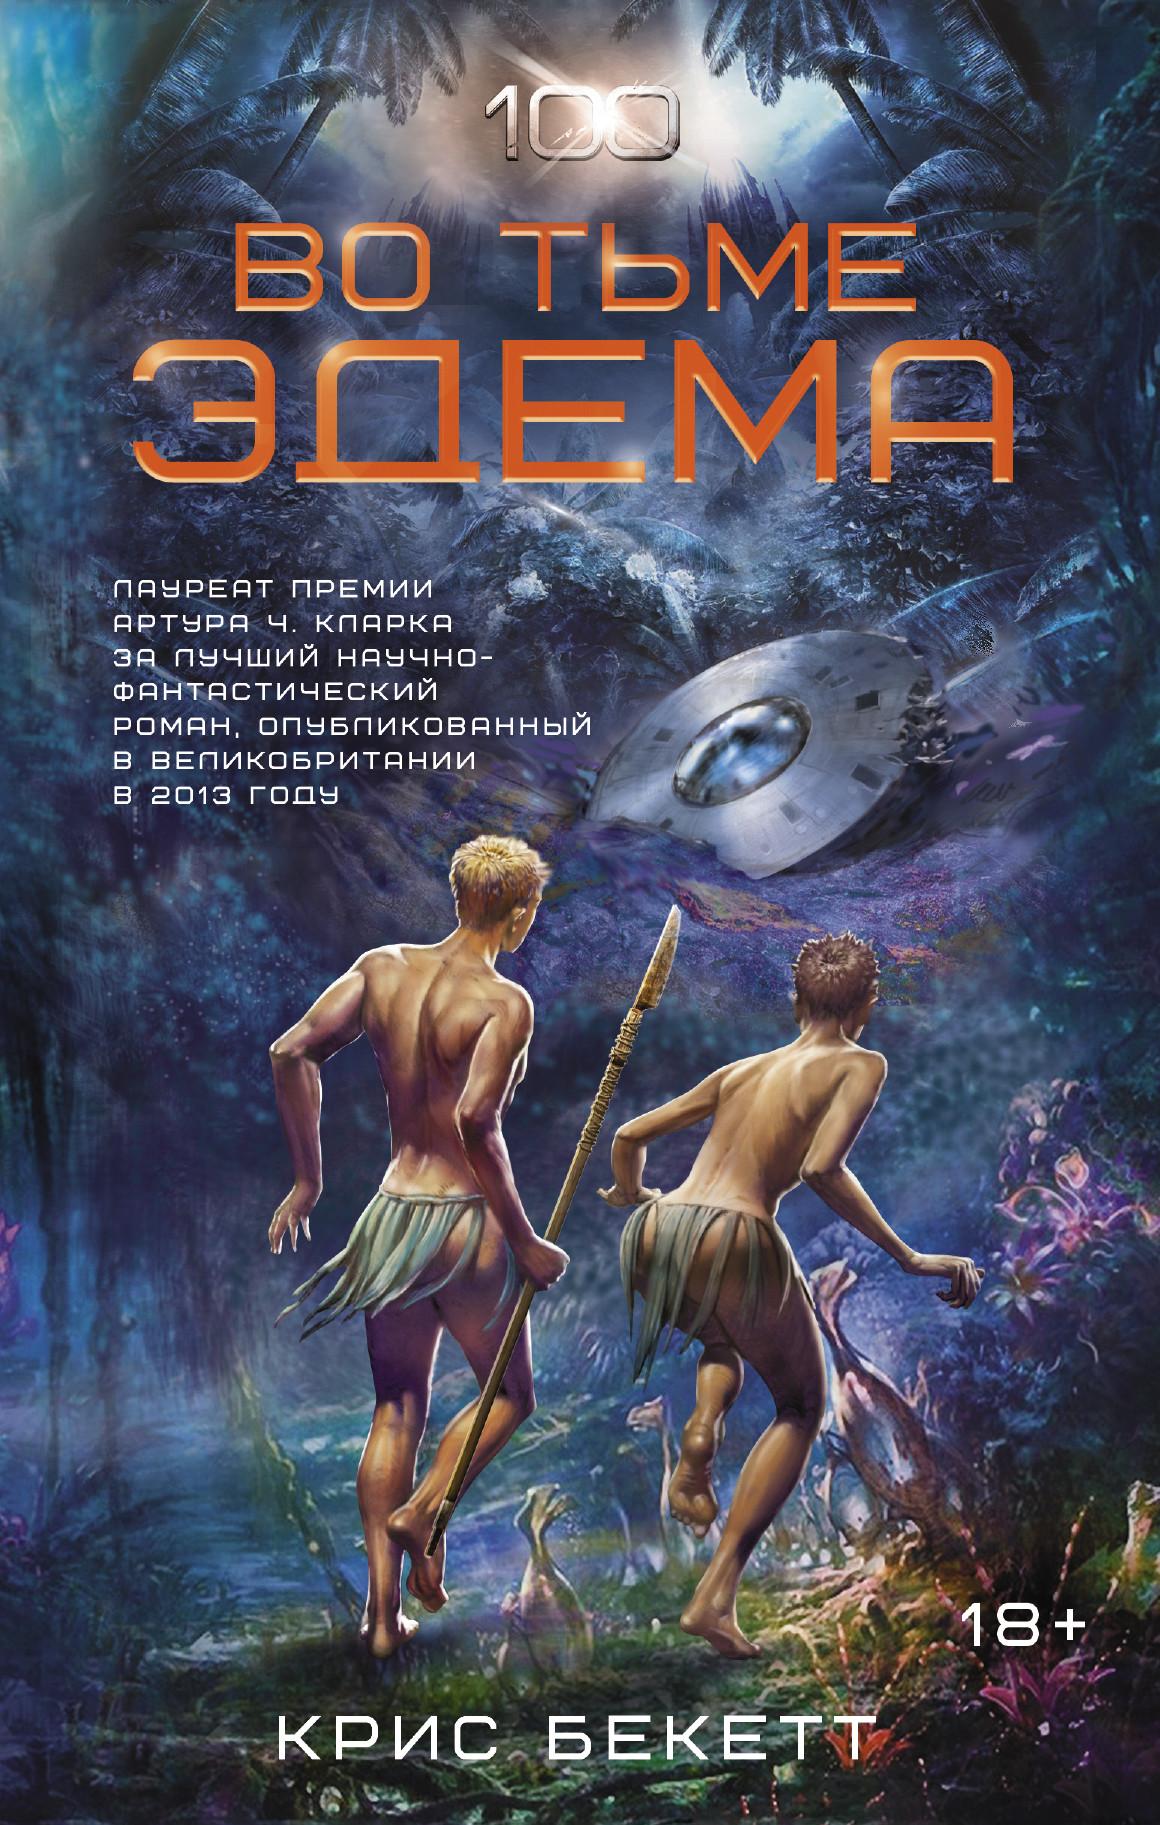 Книги про фантастику